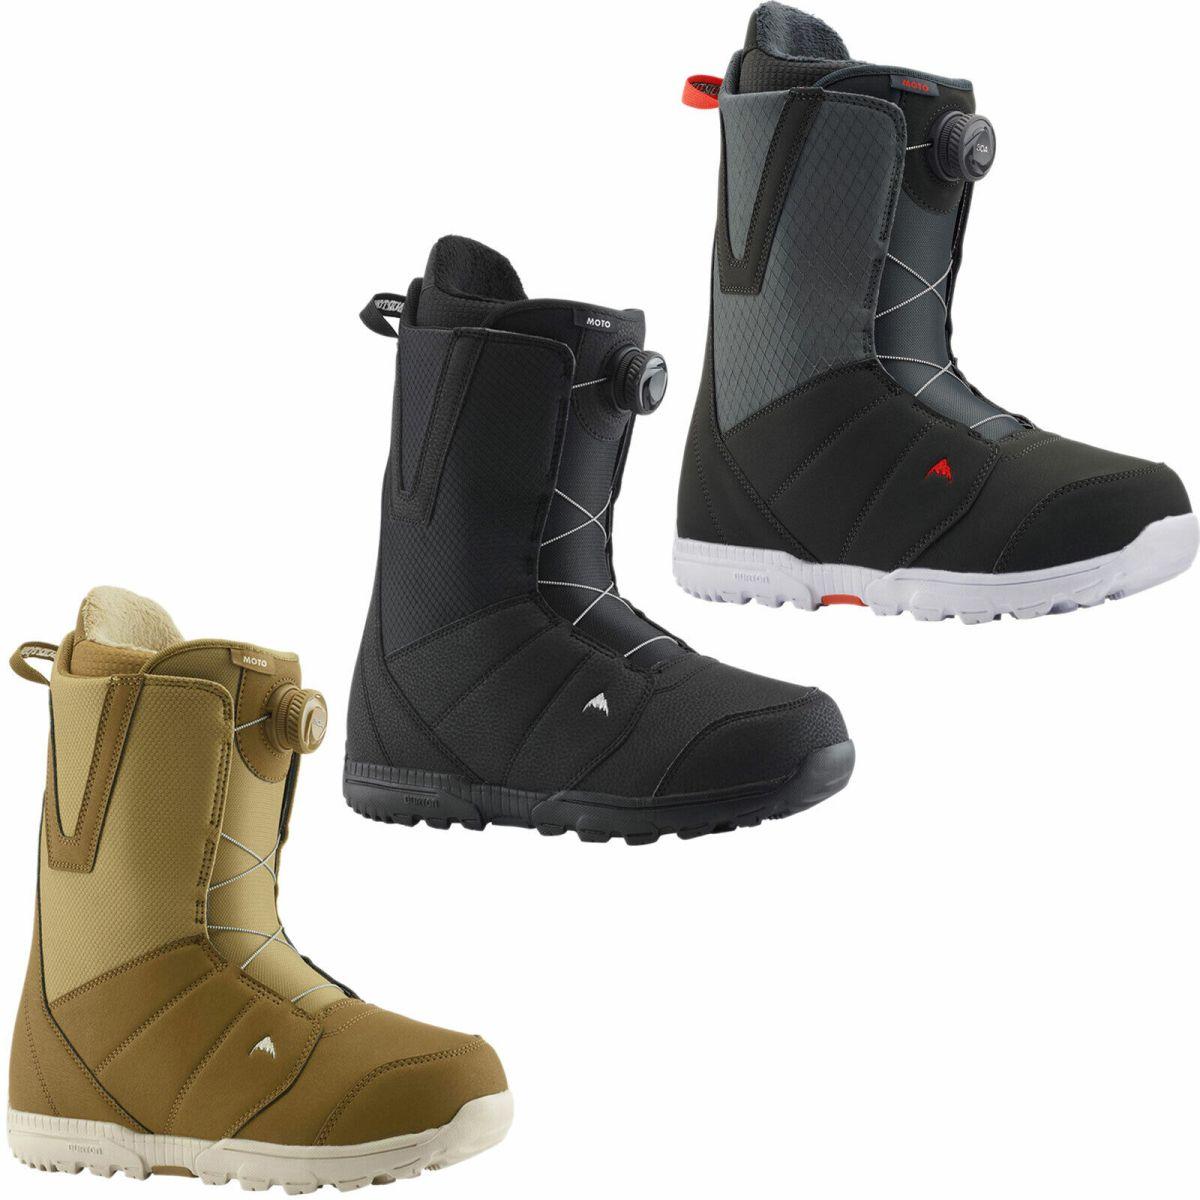 Burton Moto Boa Herren-Snowboardschuhe Snowboardboots Snowboard Boots NEU